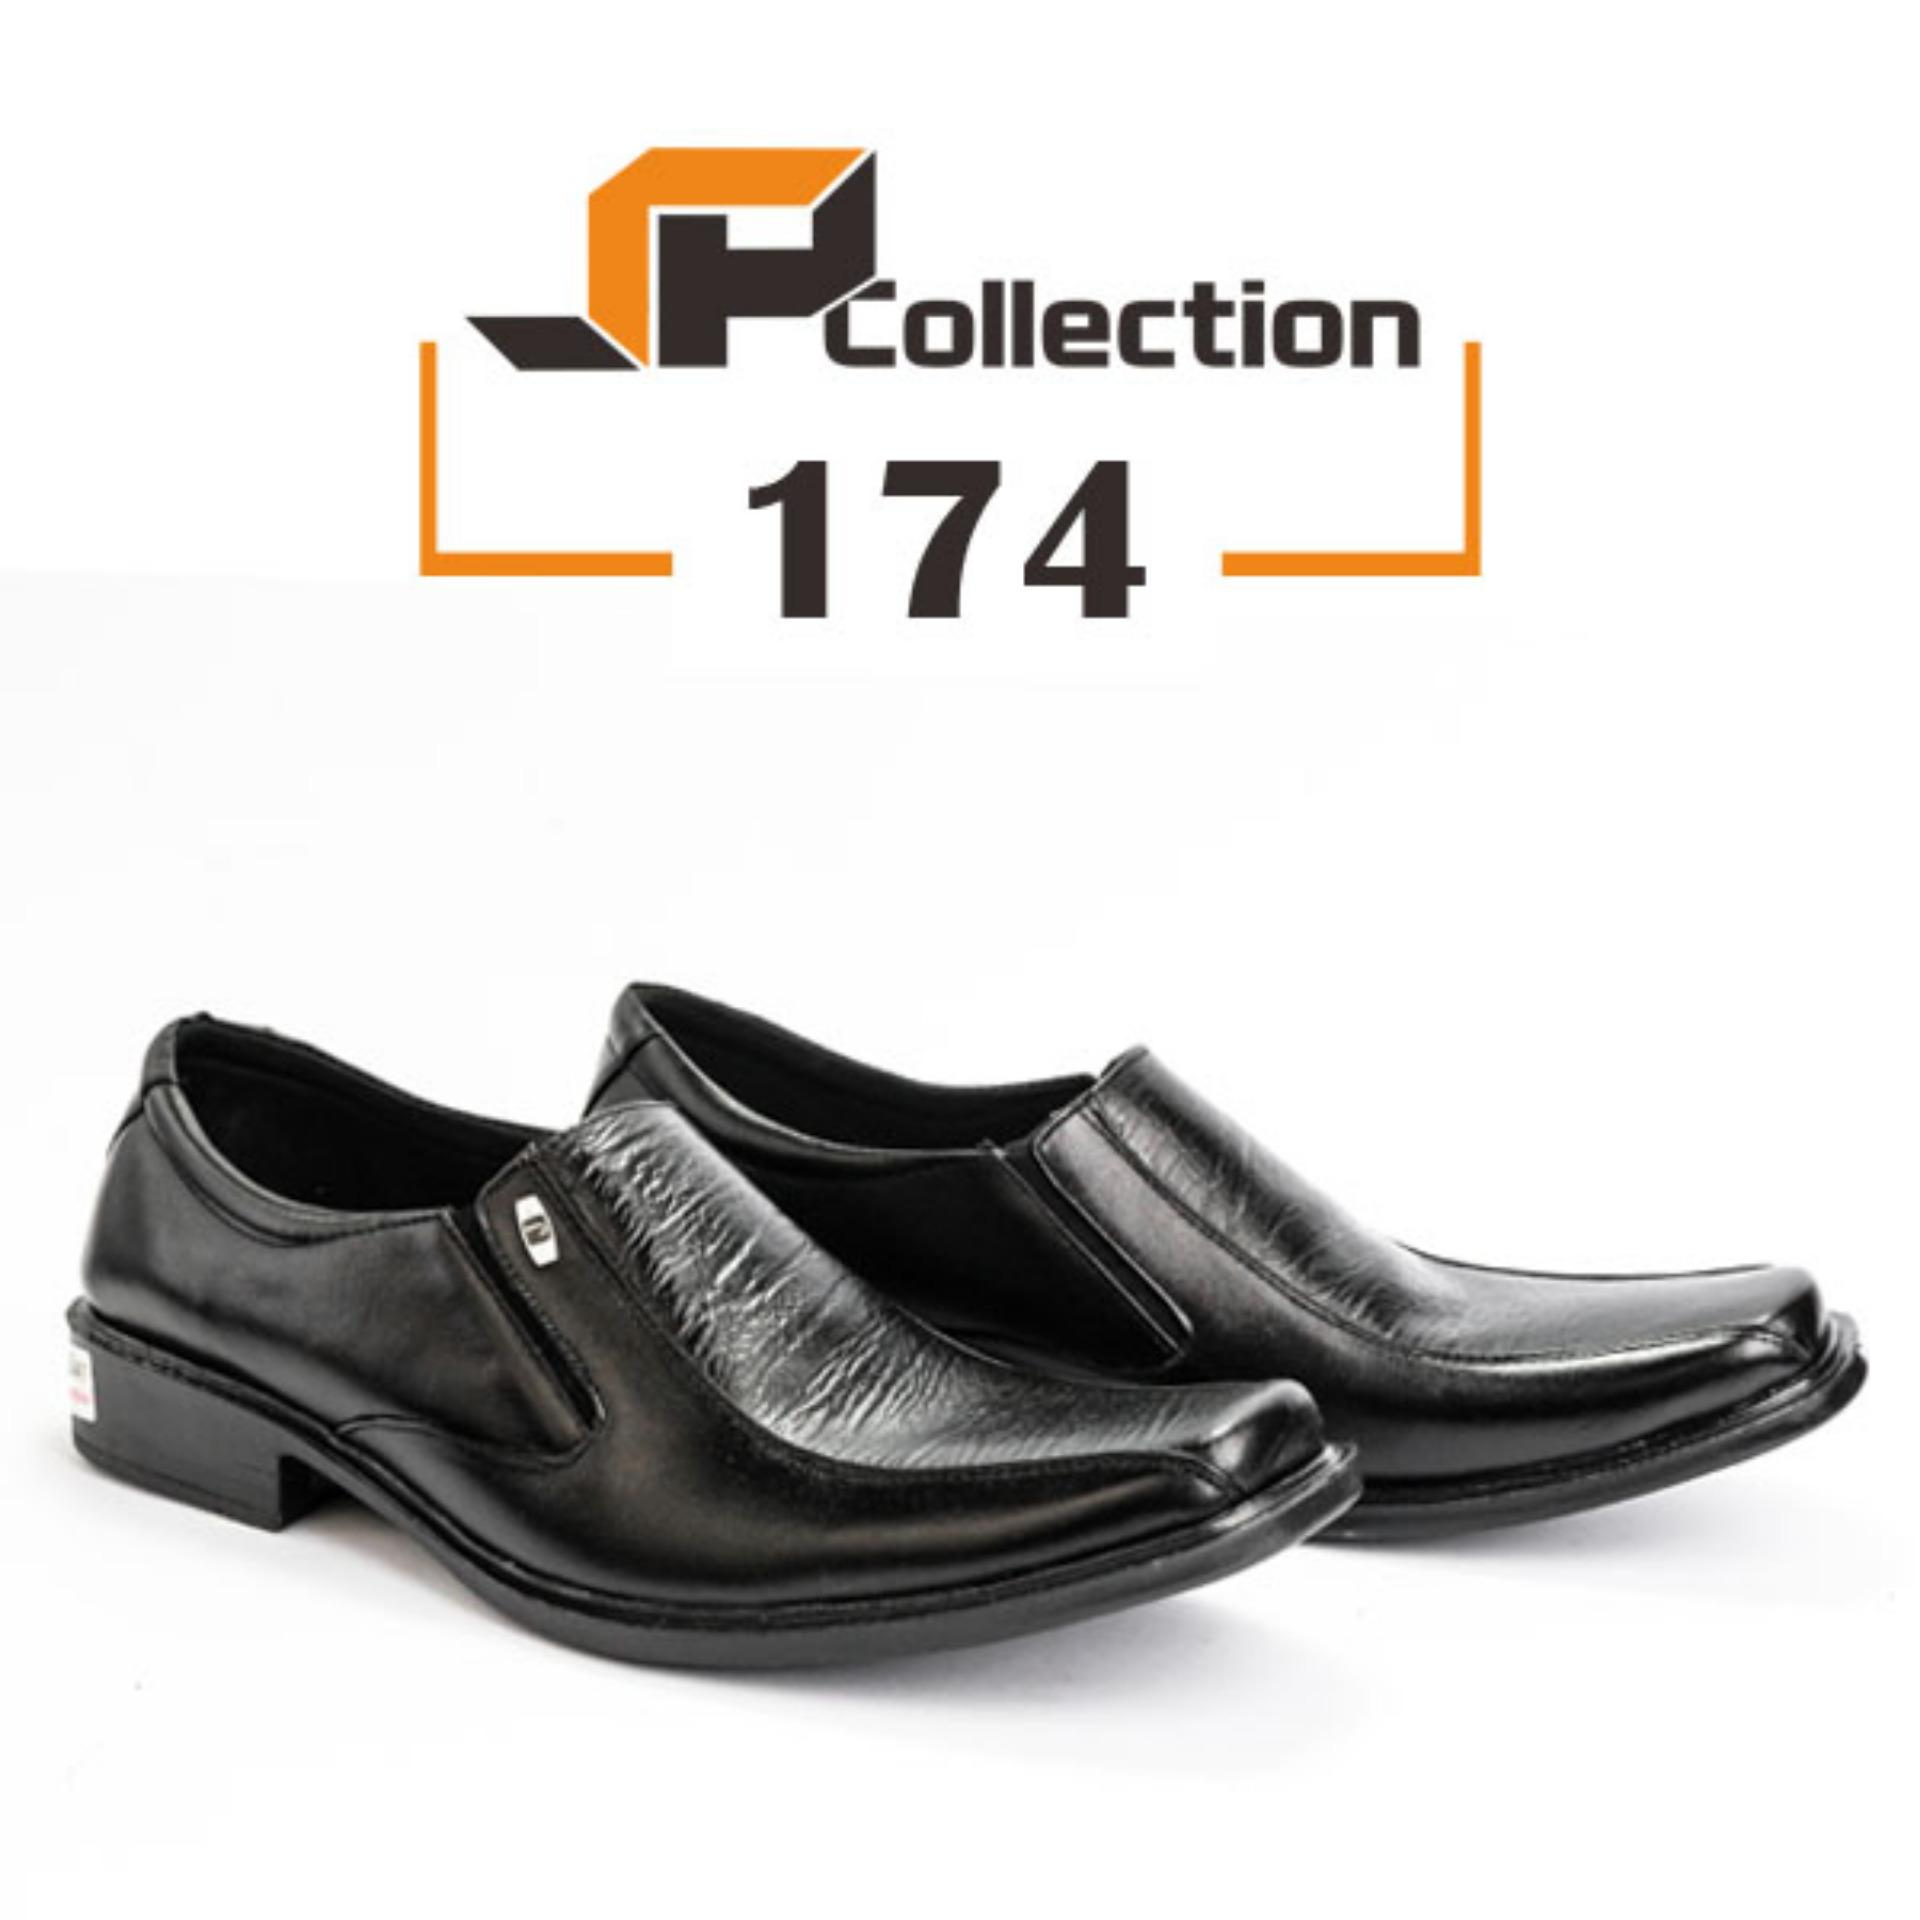 Original SPATOO Sepatu Pria 100% Kulit Asli Model 174 - Hitam / Sepatu Pantofel / Sepatu Pria Murah / Sepatu Kulit Asli / Sepatu Pria Slip On / Sepatu Pria Murah / Sepatu Pria Kulit Asli / Sepatu Kerja Kulit Pria / Sepatu Pria Formal Kulit Asli